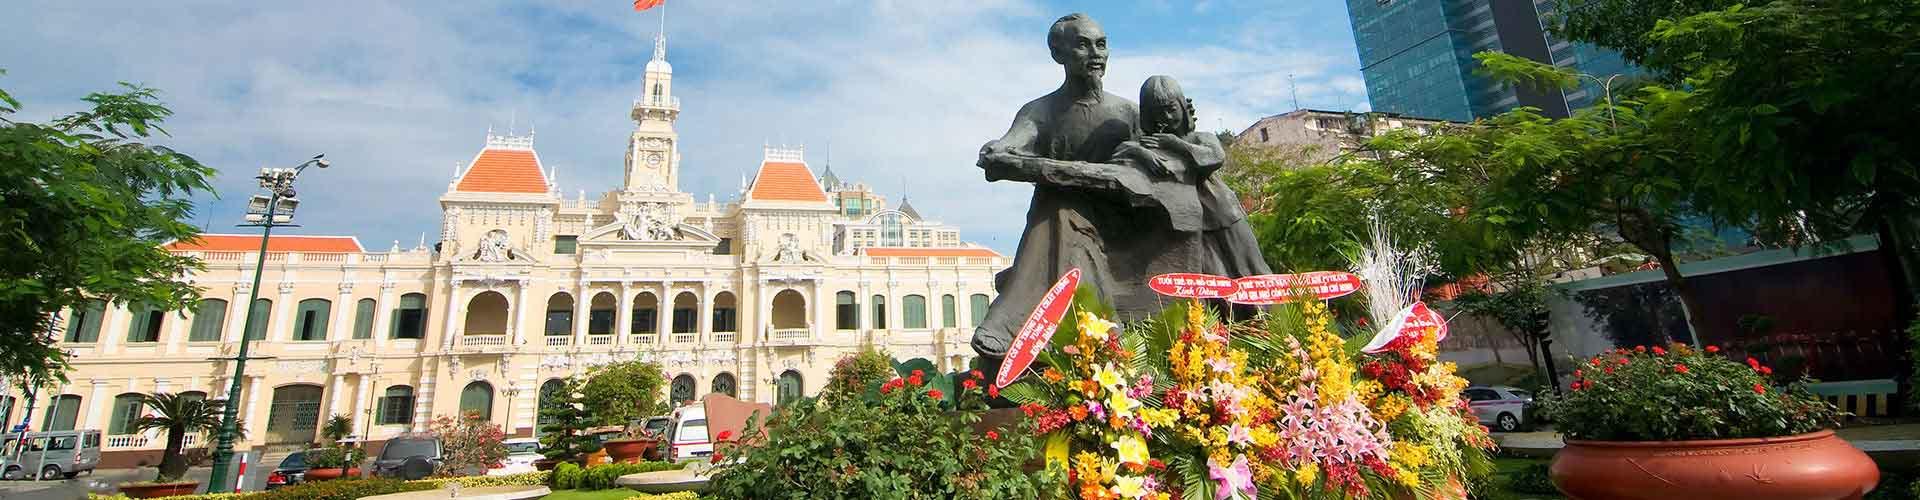 Hồ Chí Minhin kaupunki – Hostellit kohteessa Hồ Chí Minhin kaupunki. Hồ Chí Minhin kaupunki -karttoja, valokuvia ja arvosteluja kaikista Hồ Chí Minhin kaupunki -hostelleista.